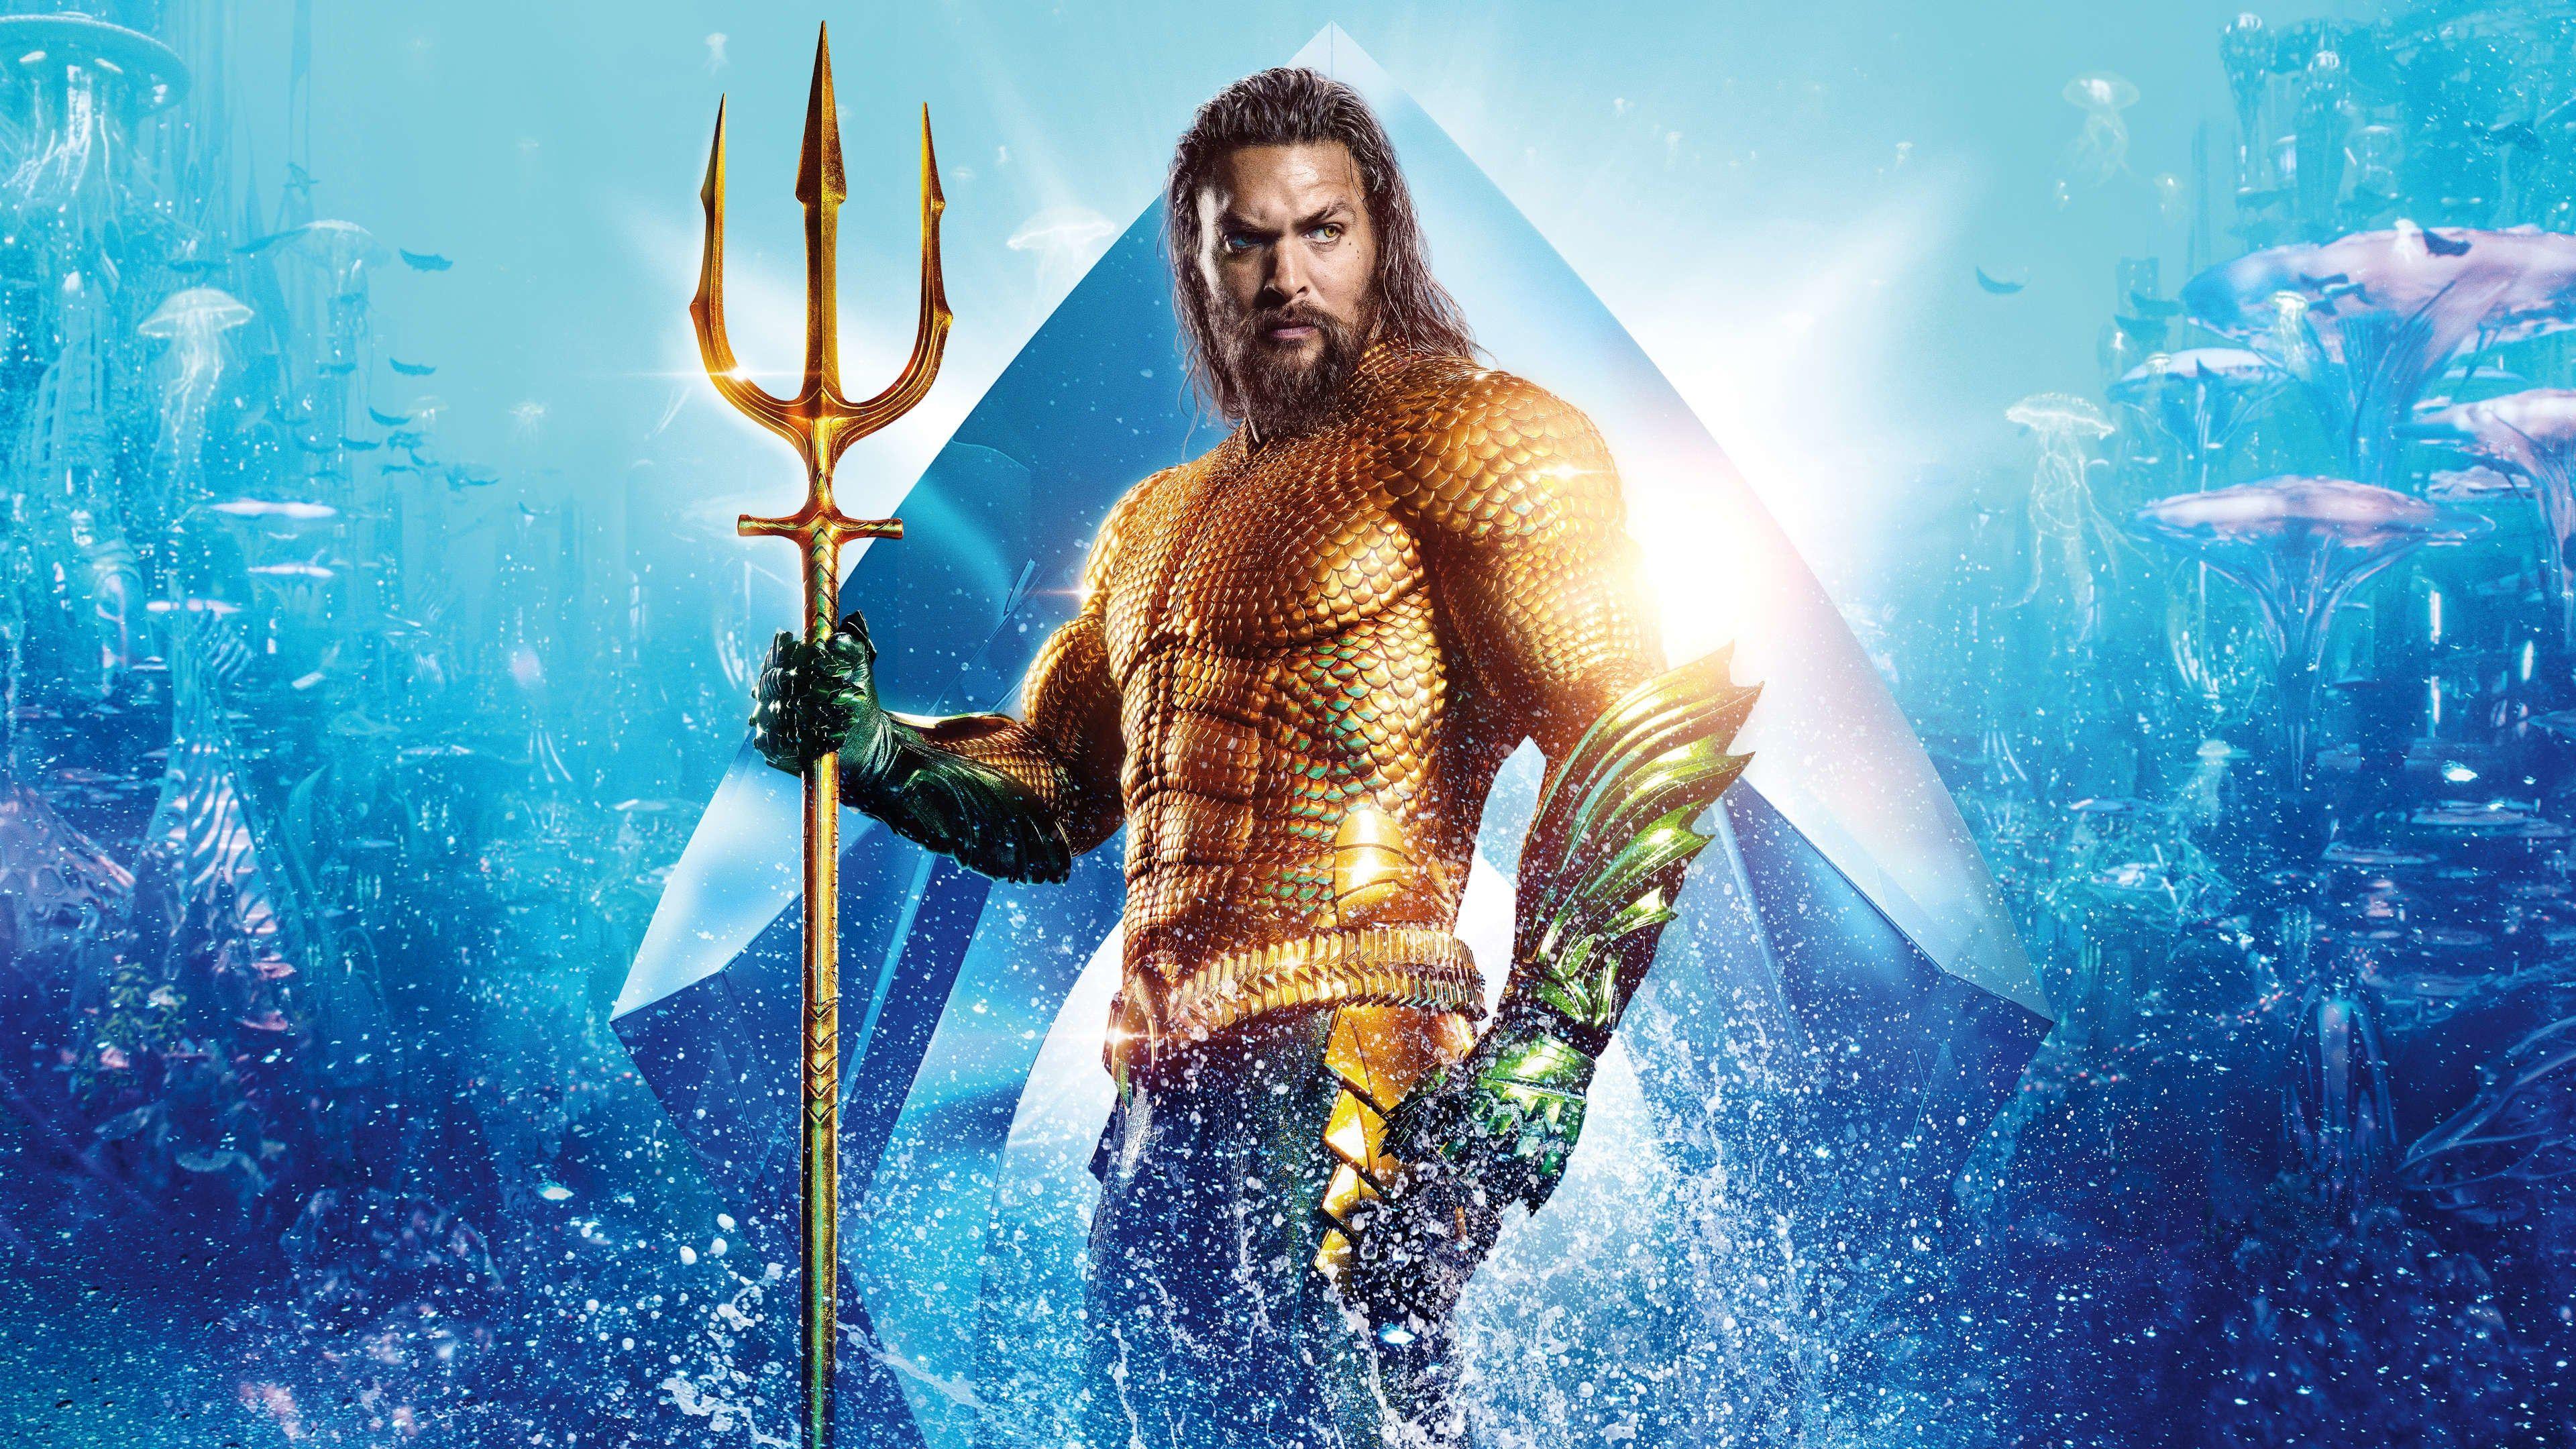 Voirfilm Aquaman 2018 Streaming Vf Moviehitz Aquaman Aquaman 2018 Jason Momoa Aquaman